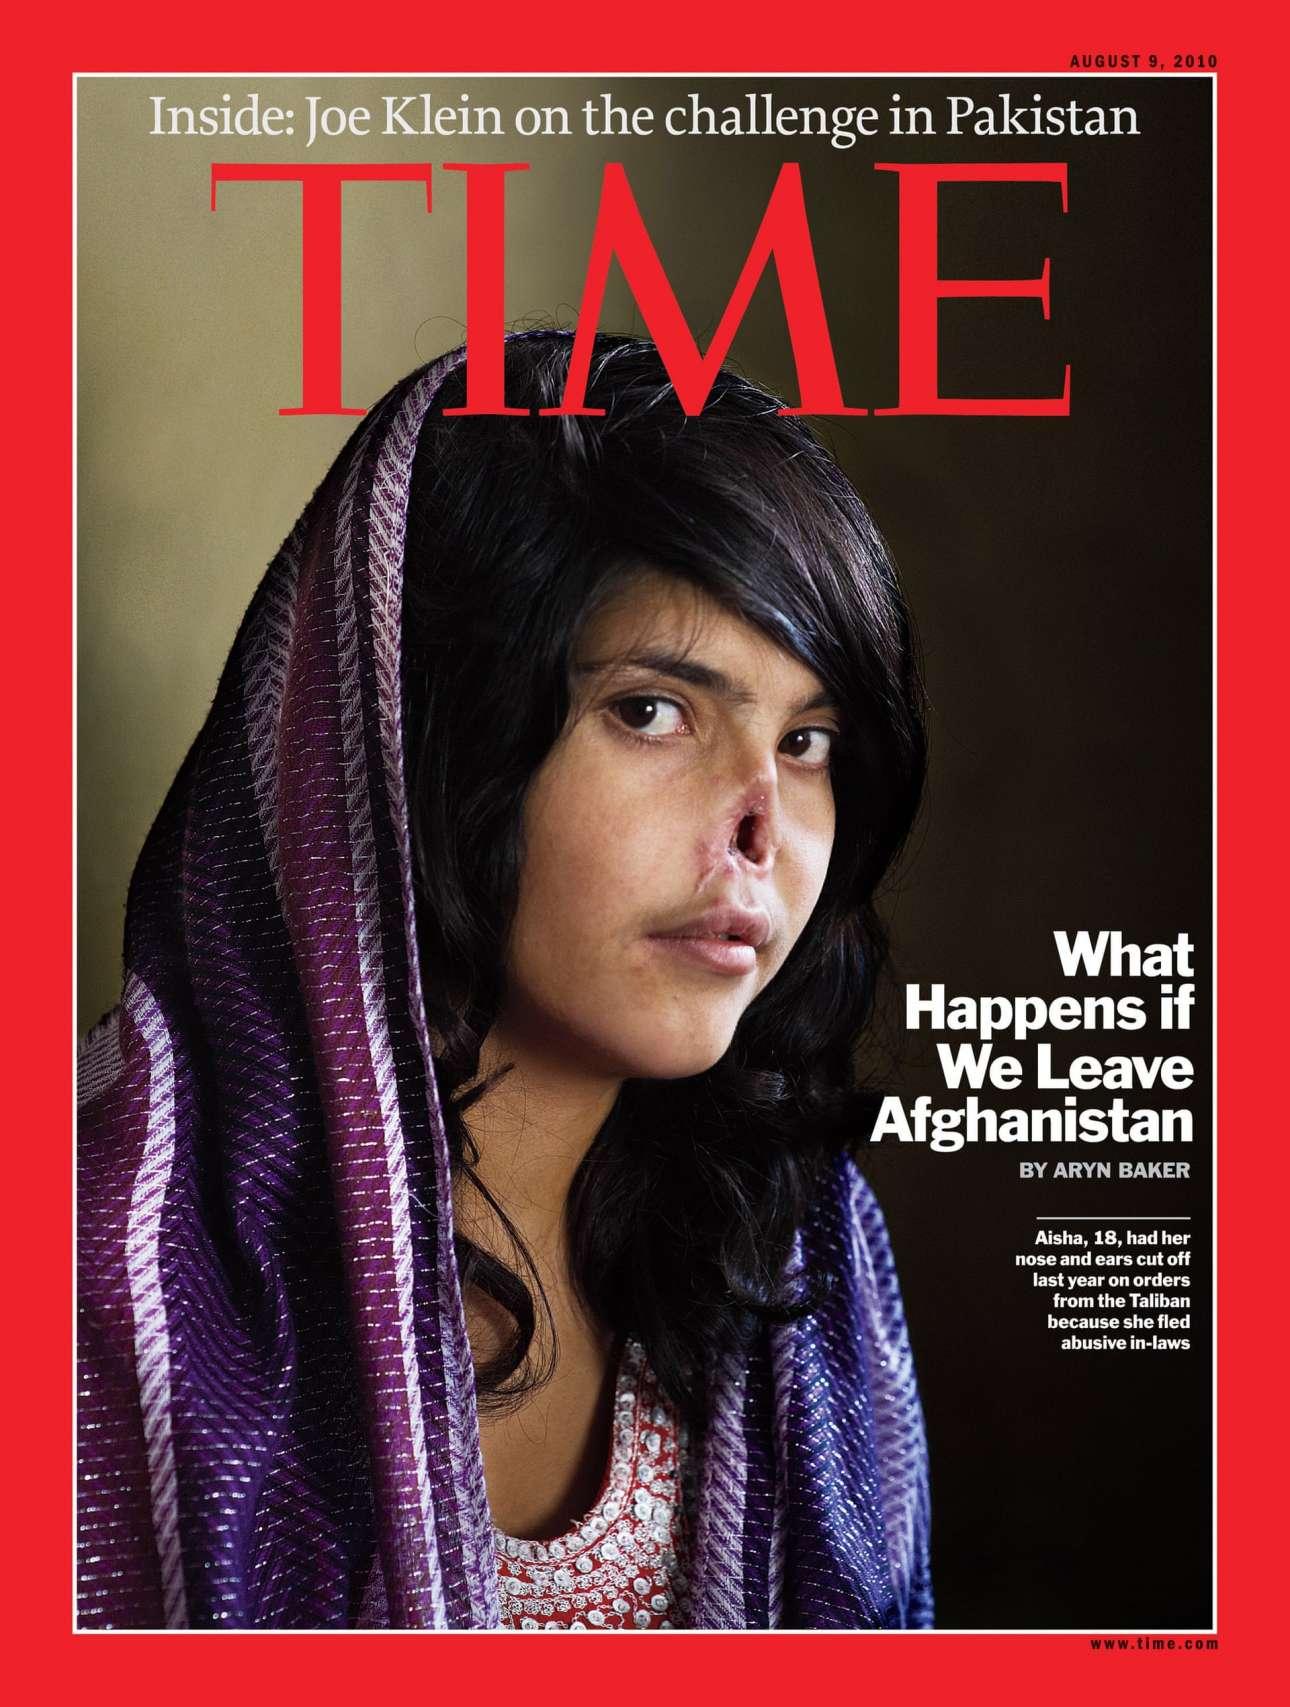 Ένα συγκλονιστικό εξώφυλλο από το 2010. Η 18χρονη Αϊσά από το Αφγανιστάν που της έκοψαν τη μύτη και τα αφτιά οι Ταλιμπάν γιατί εγκατέλειψε το σπίτι του άνδρα της